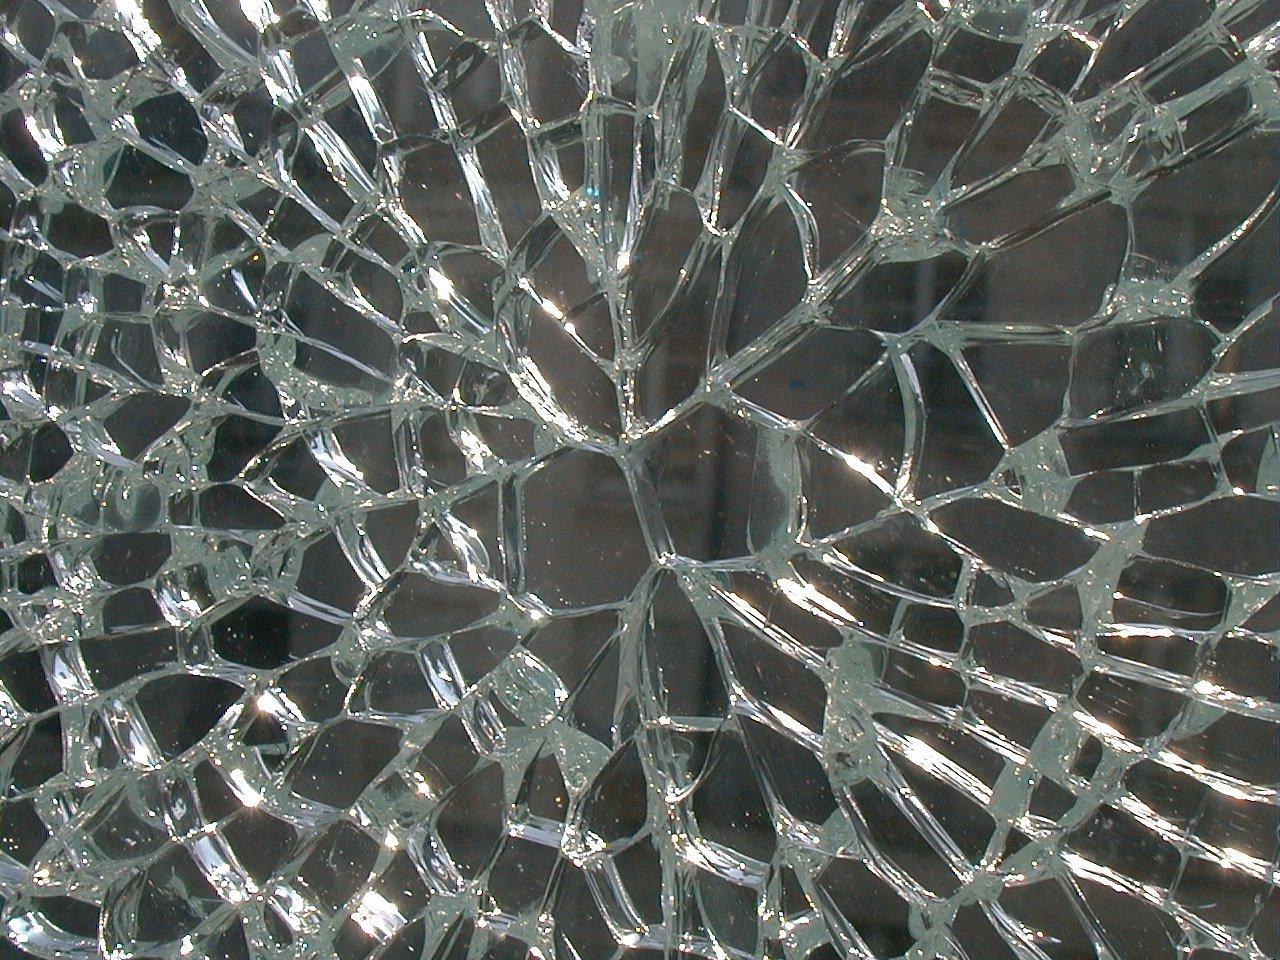 Casse spontanée d'un vitrage trempé due à une inclusion de sulfure de nickel.